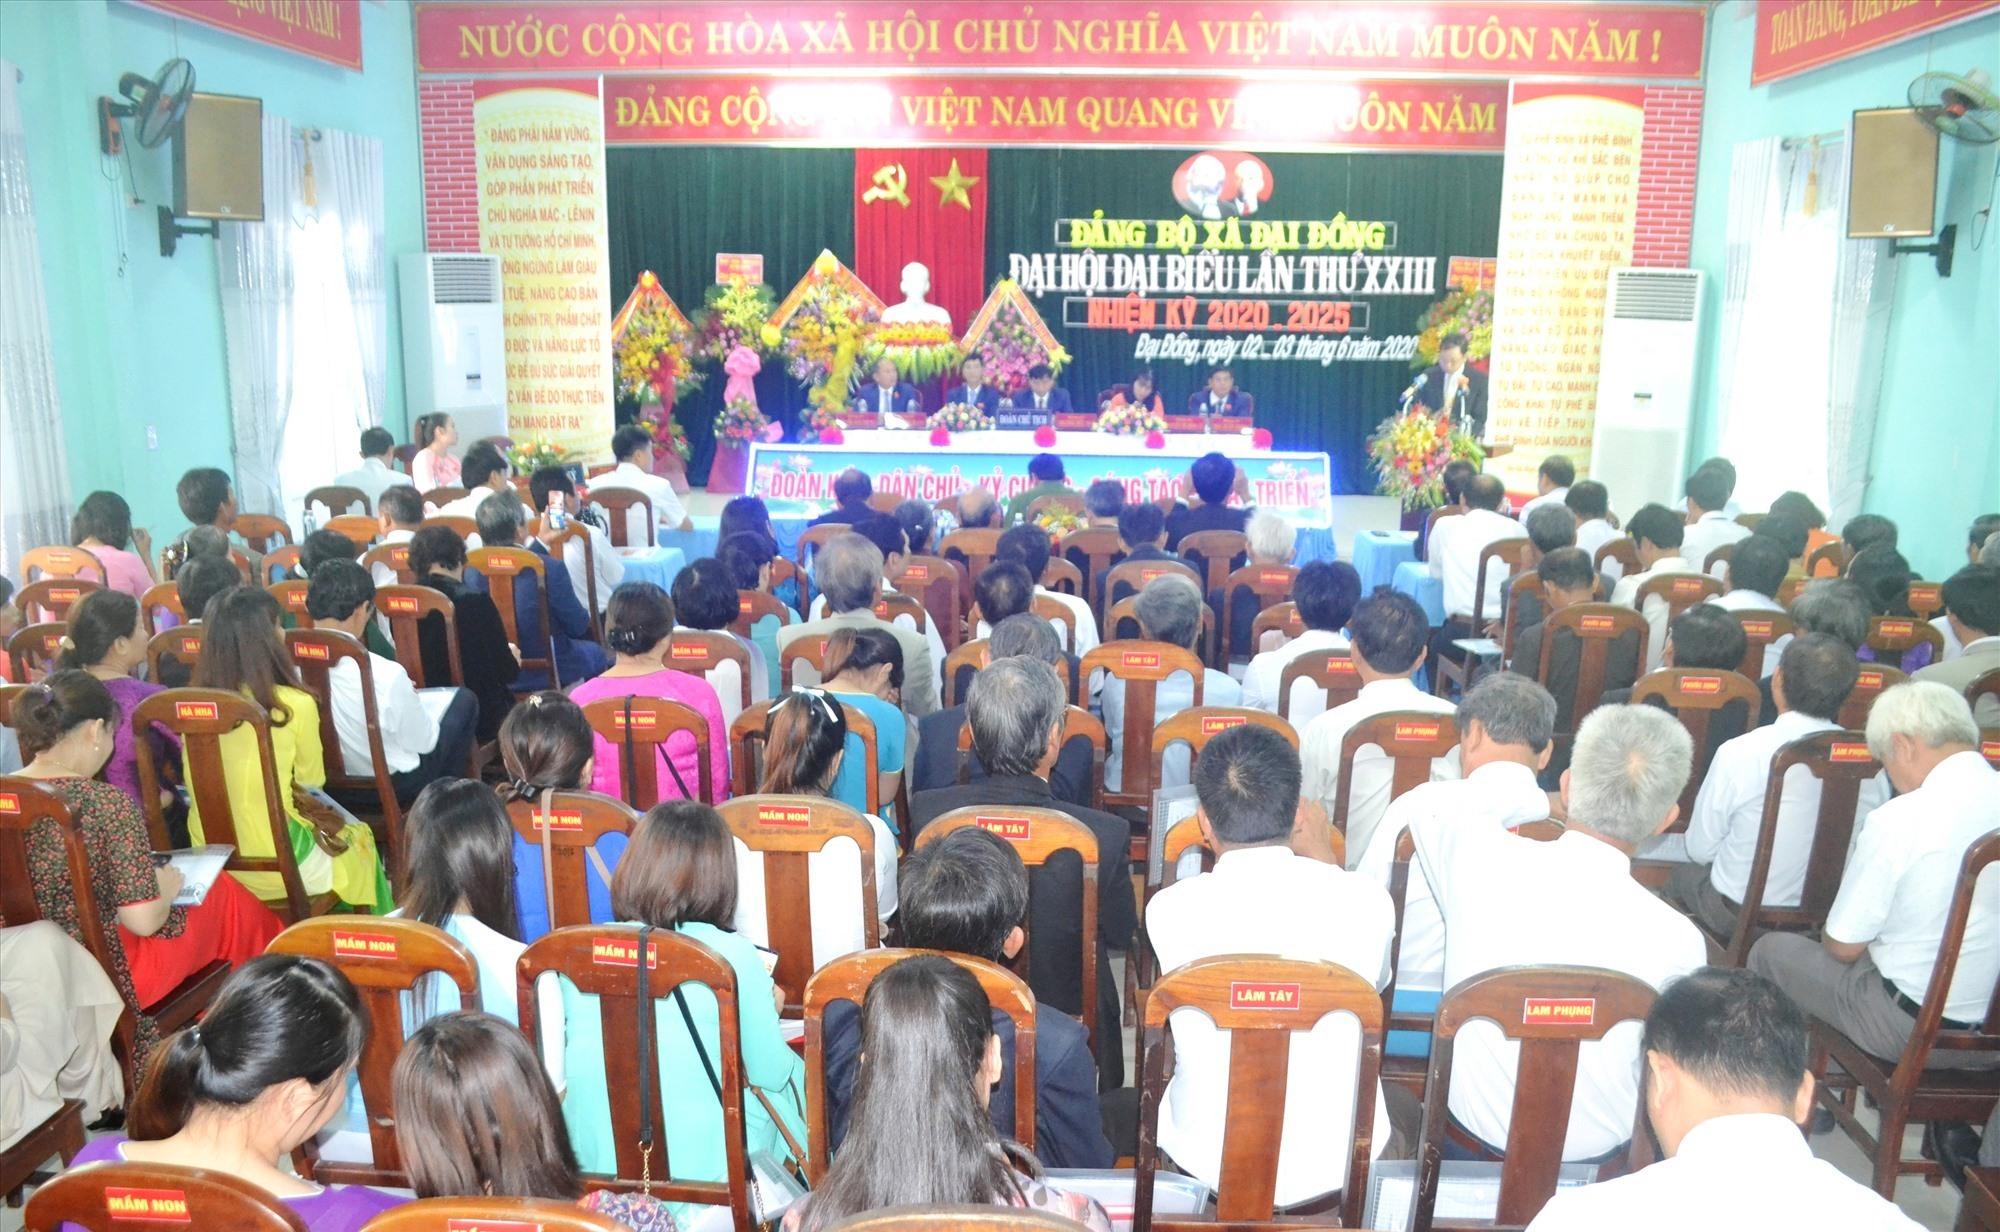 Đại hội diễn ra với sự tham dự của 149 đại biểu chính thức được triệu tập. Ảnh: CT